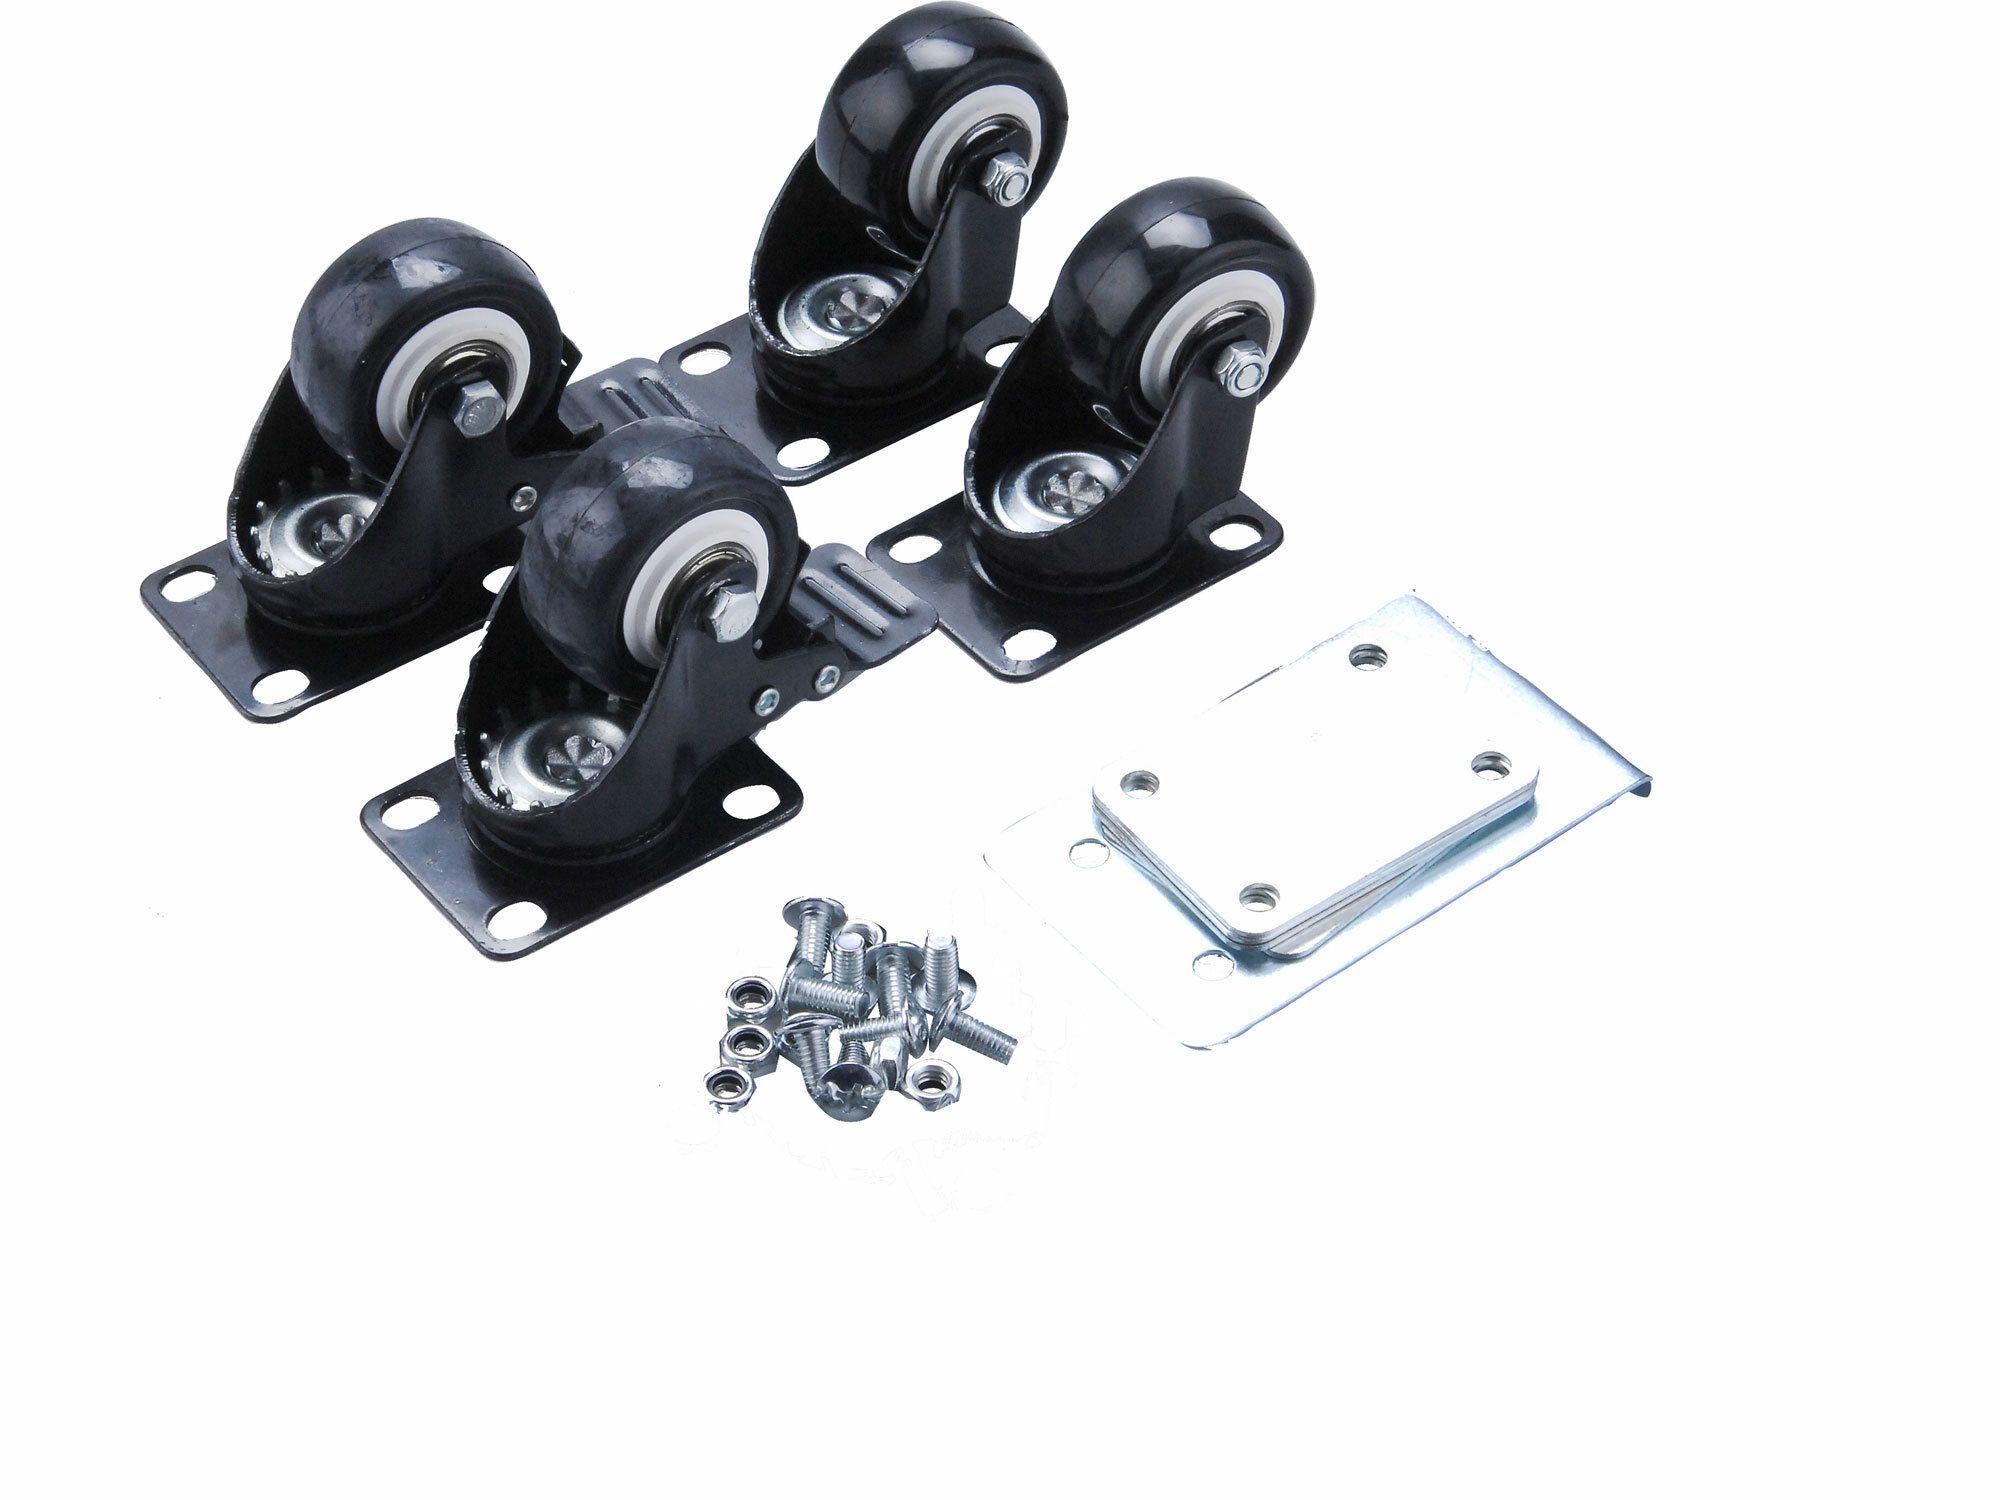 Kolečka pro L box, 4 kusy, 2 otočná kolečka s brzdou a 2 bez brzdy, průměr 50mm EXTOL-PREMIUM